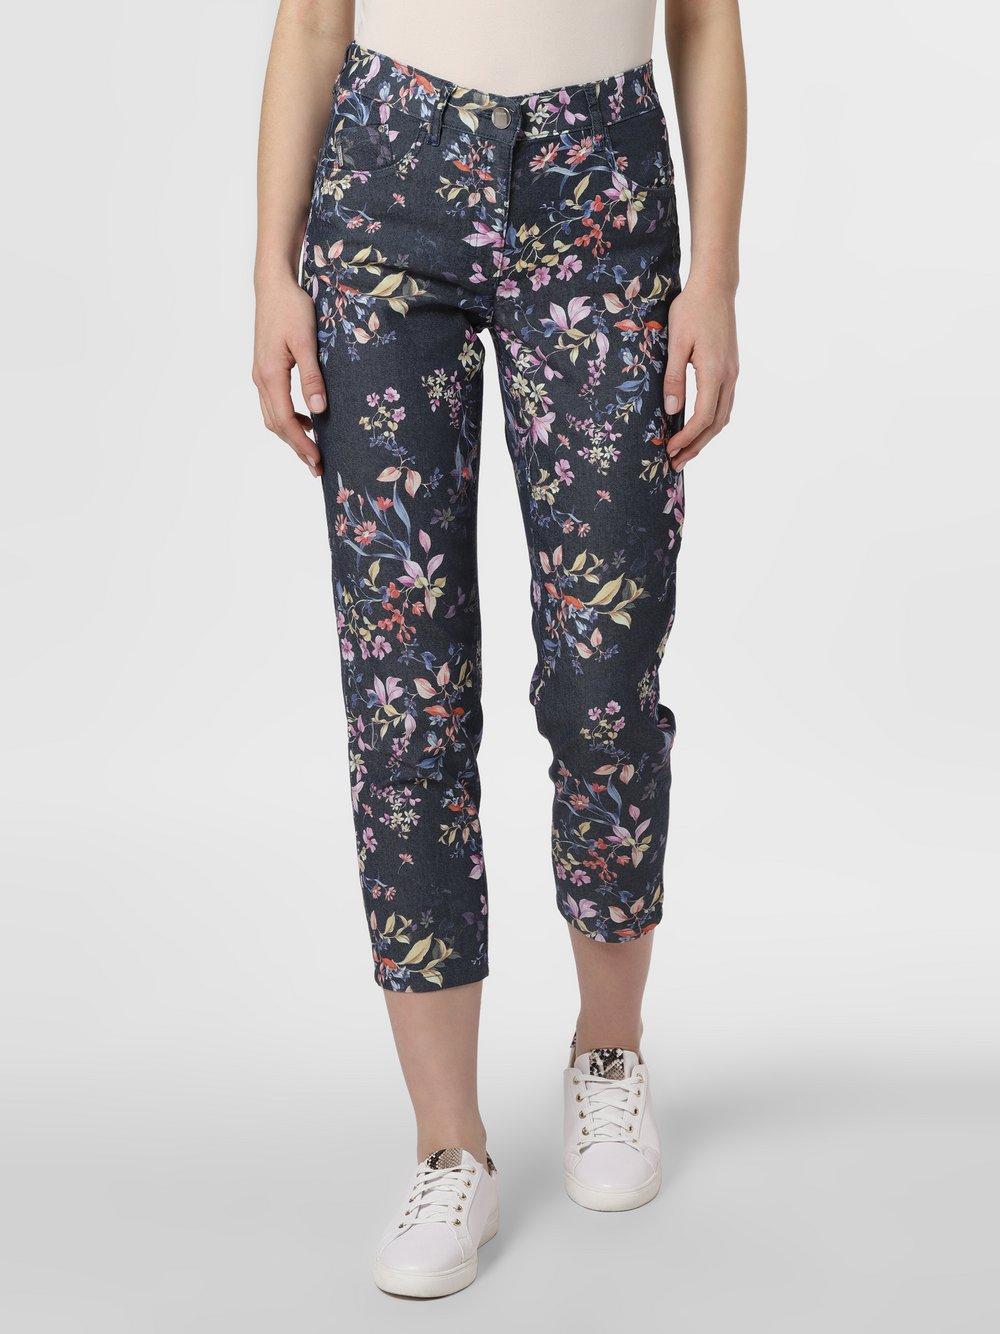 Zerres – Spodnie damskie, niebieski Van Graaf 466870-0001-00360